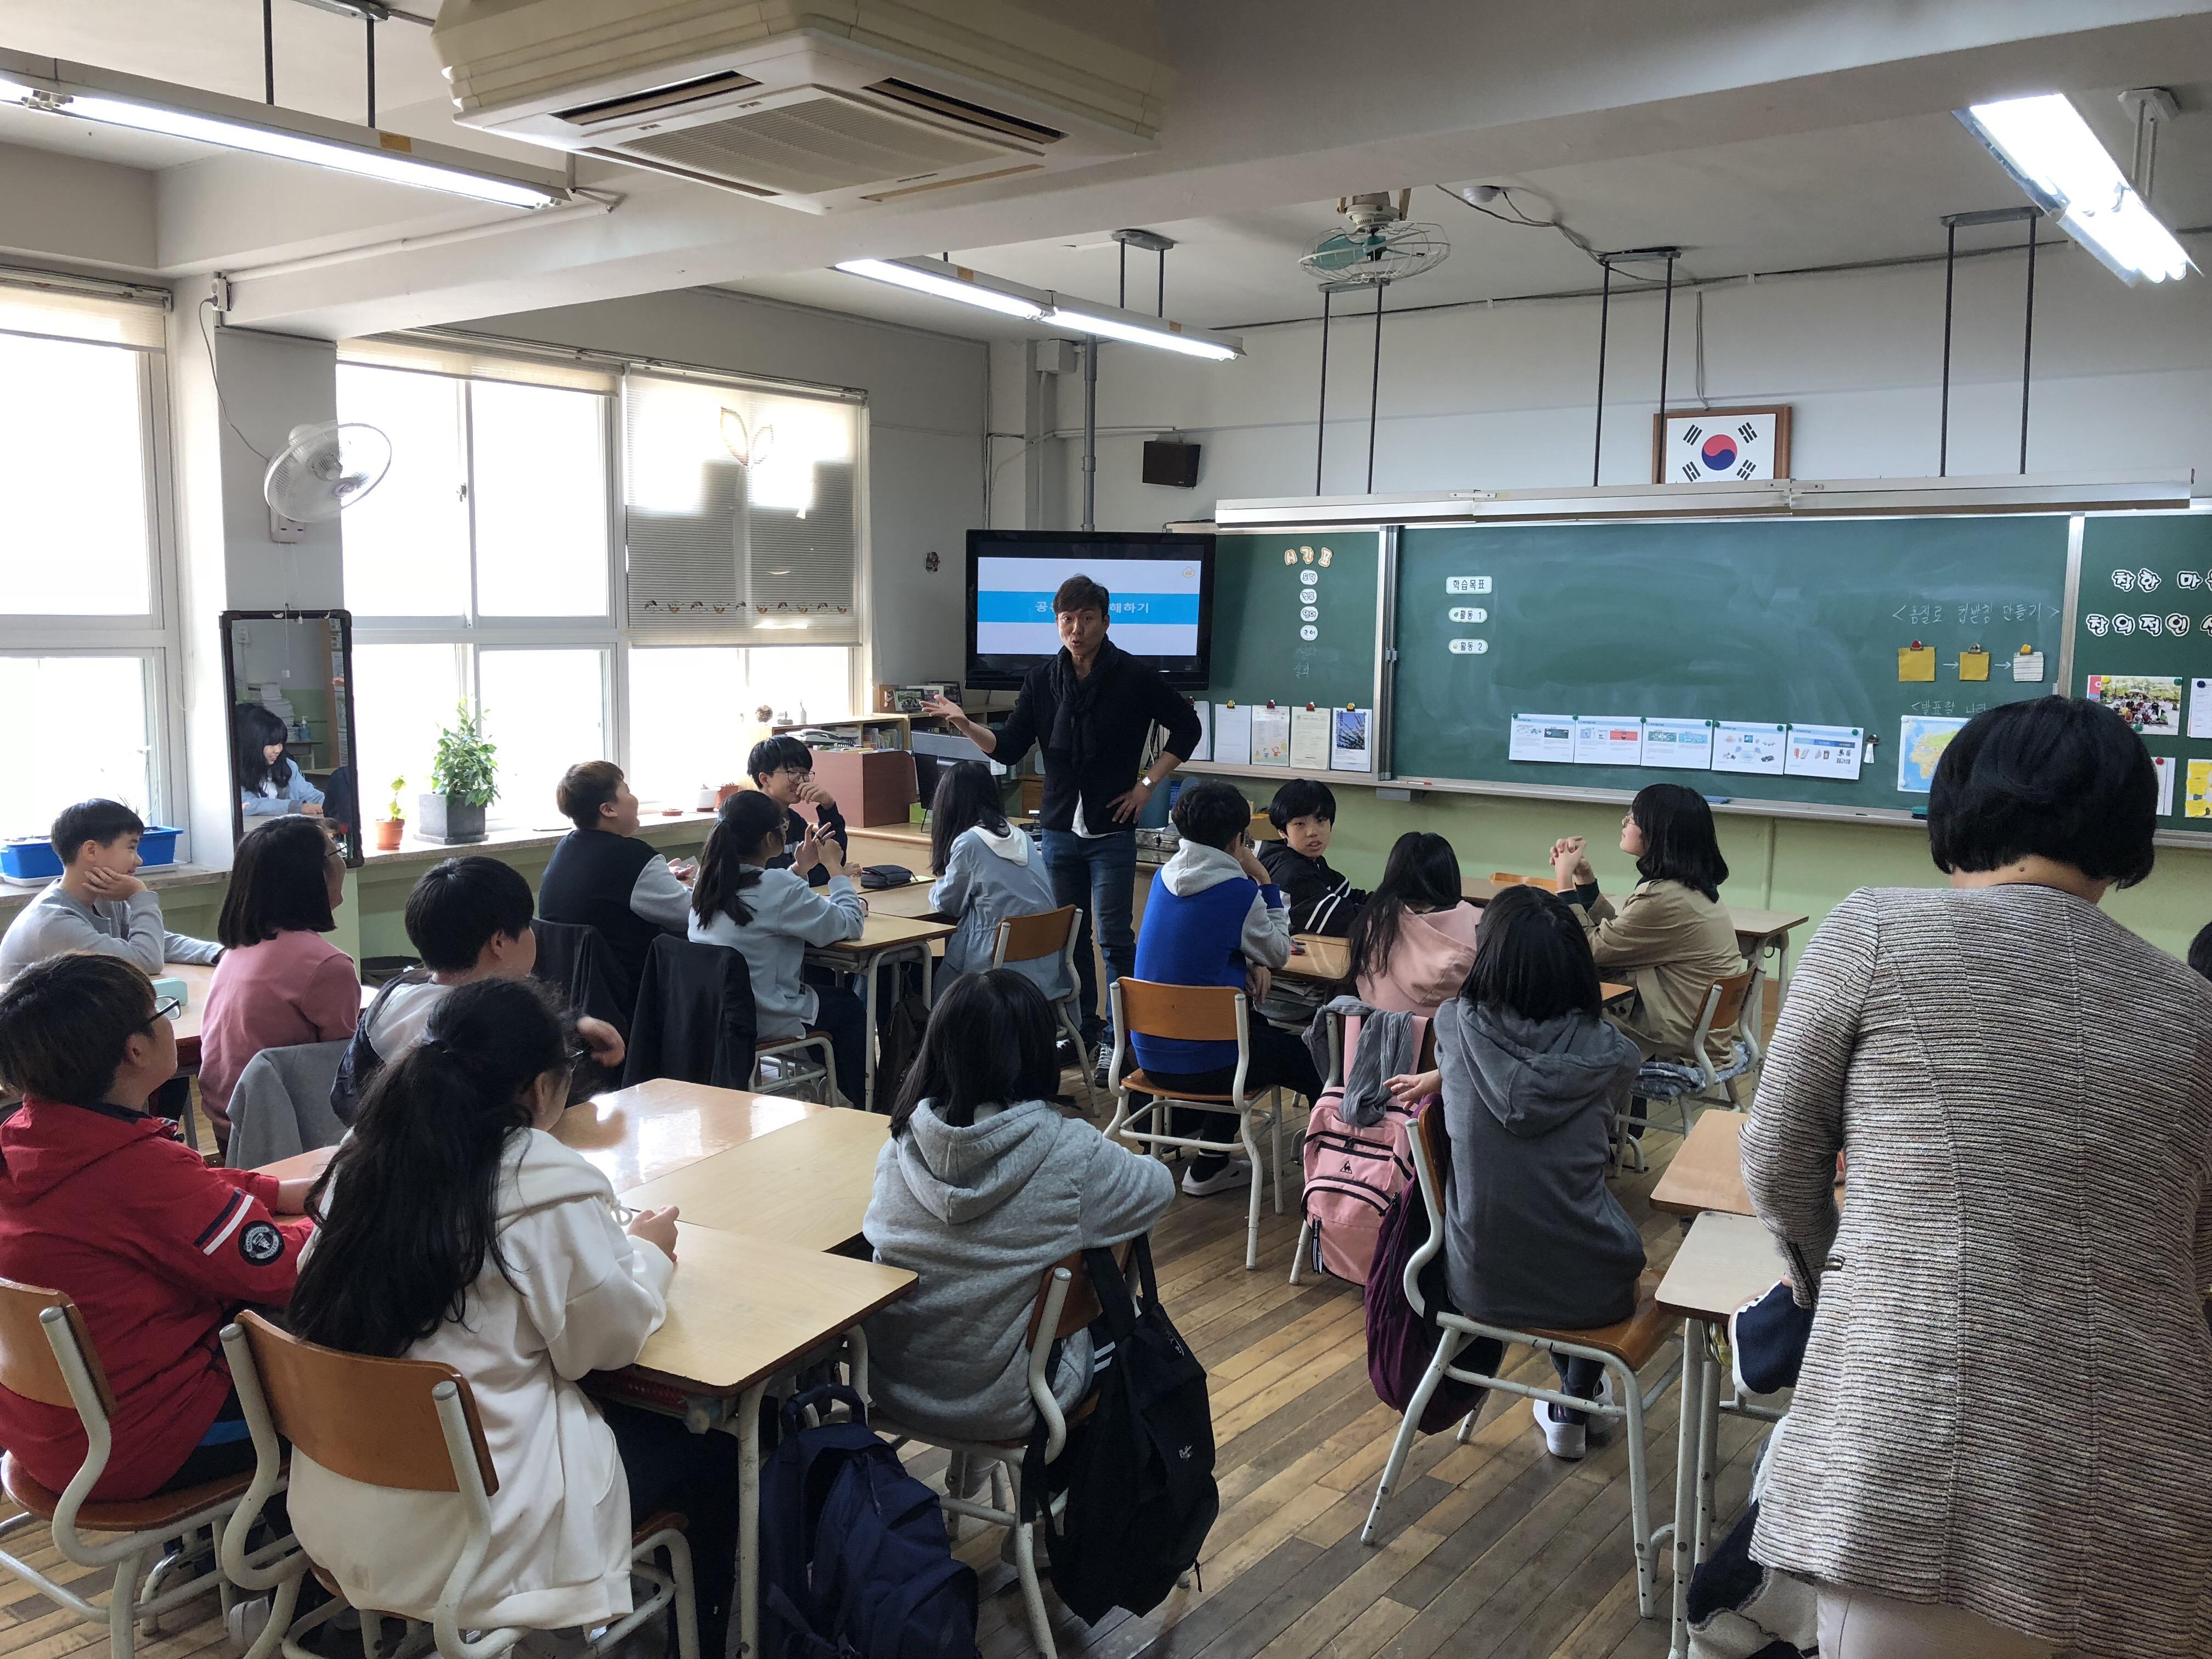 망원초등학교 학생들과 함께한 공유경제 탐색하기